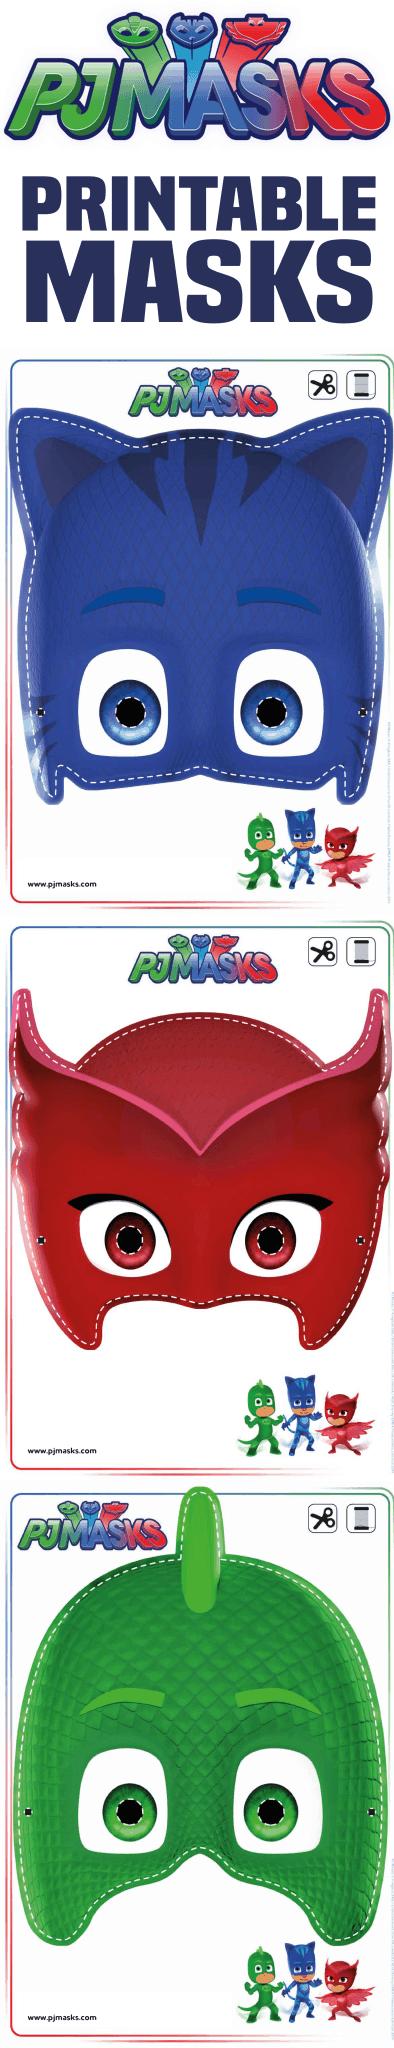 graphic about Pj Masks Printable Images named Printables - PJ Masks Owlette, Gekko, Catboy Masks Existence